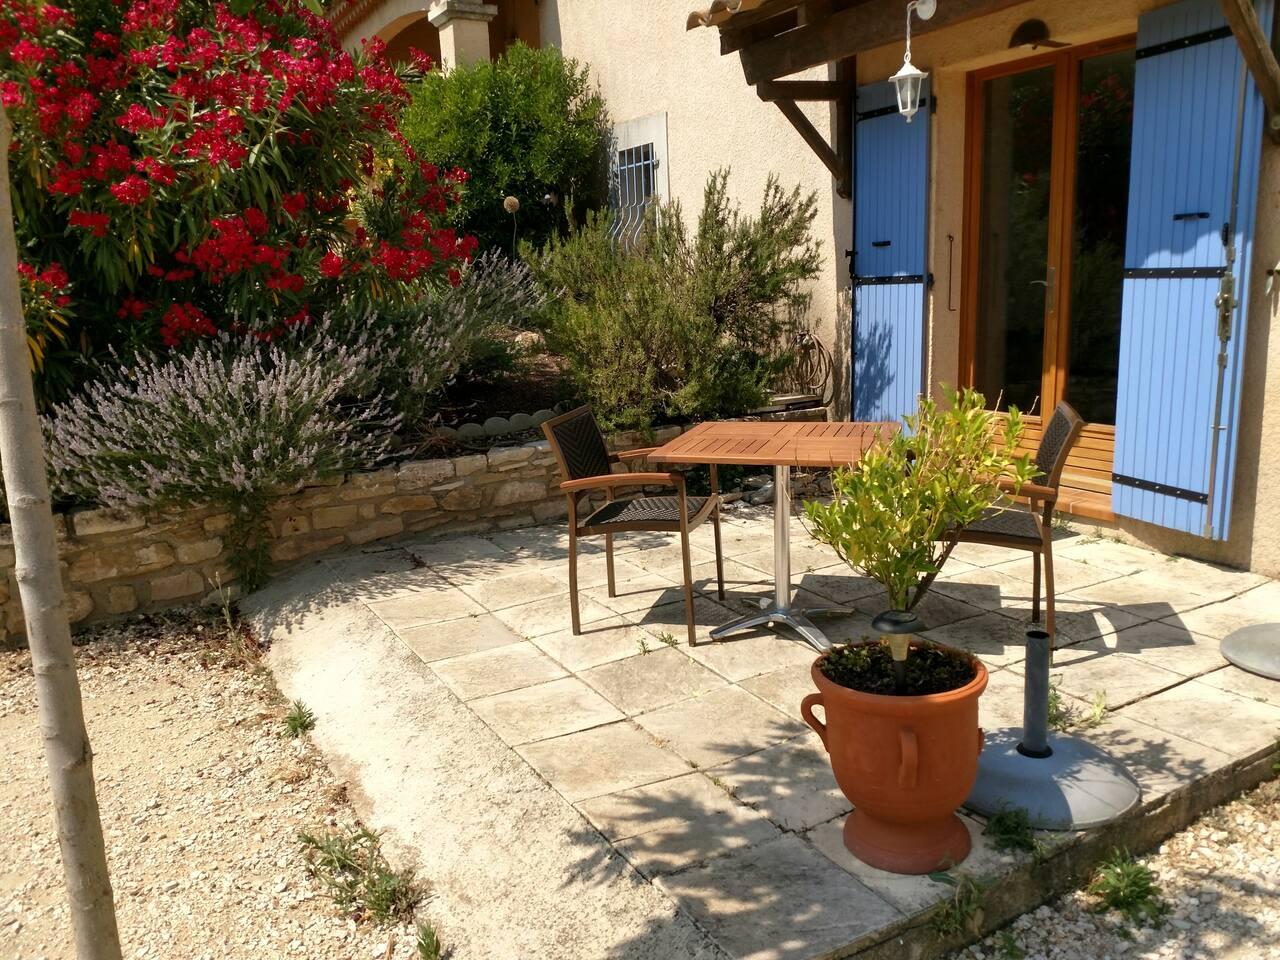 Petite terrasse qui sent bon la lavande, le romarin et laurie